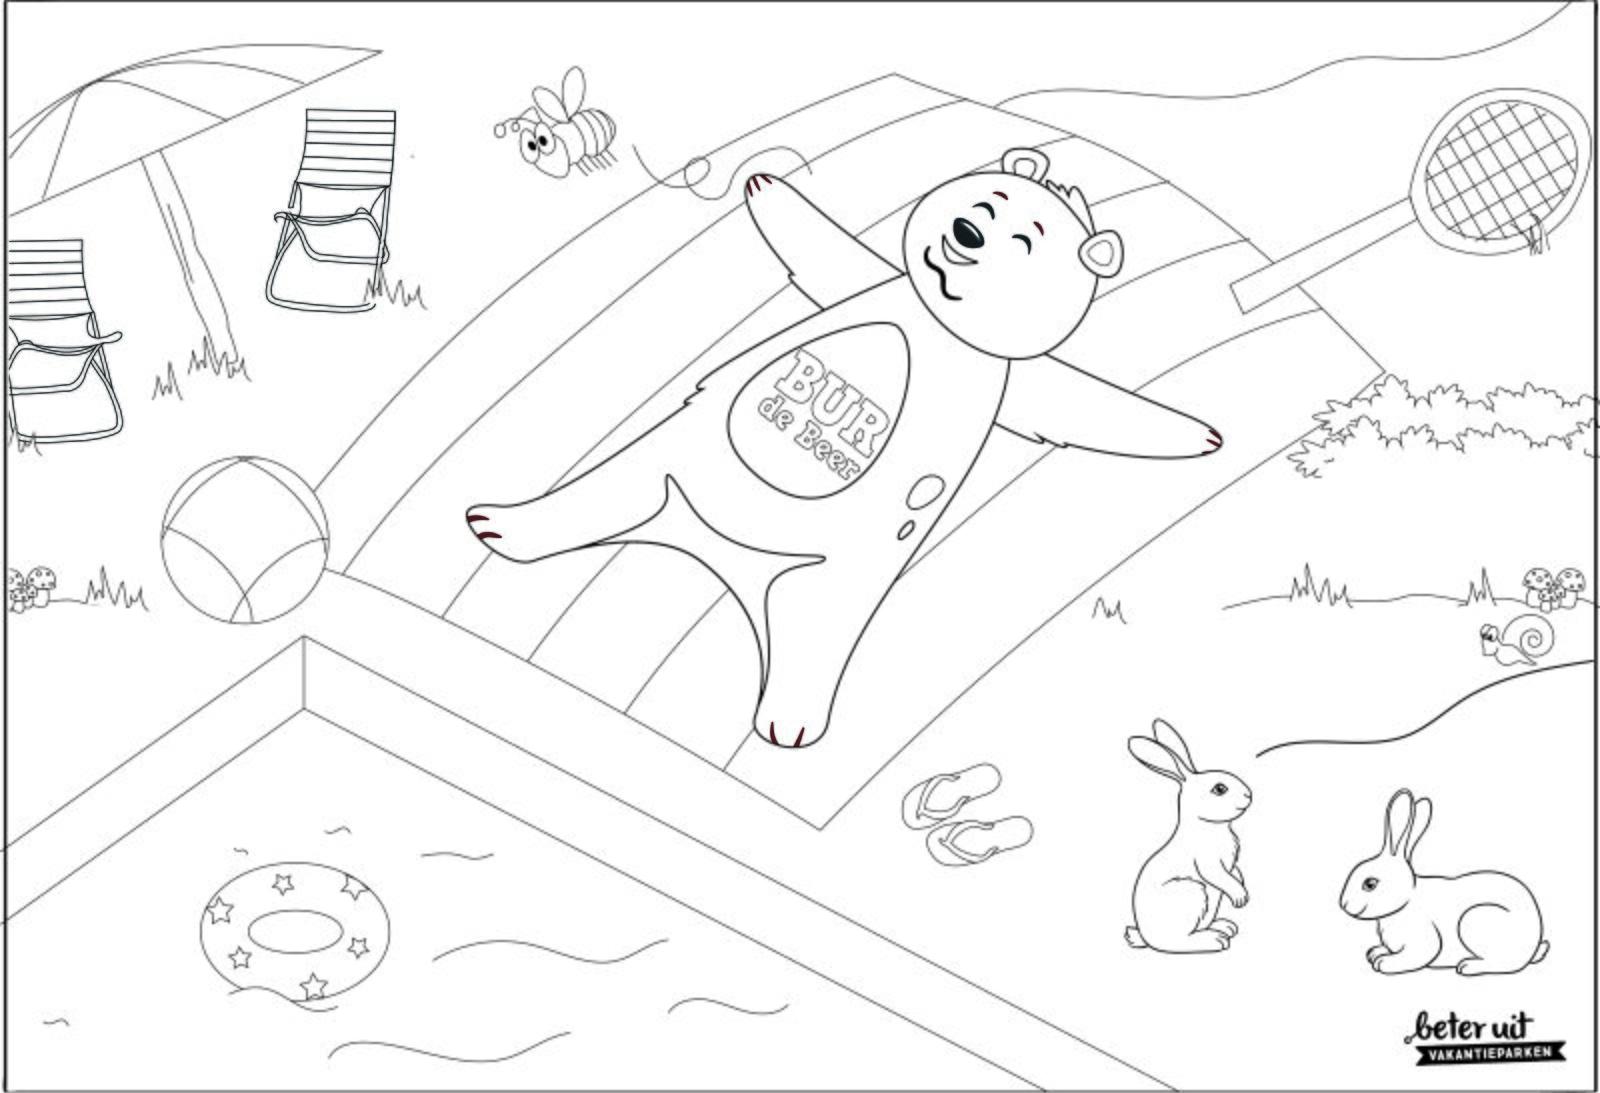 BUR de Beer kleurplaat beer ligt op handdoek aan het zwembad